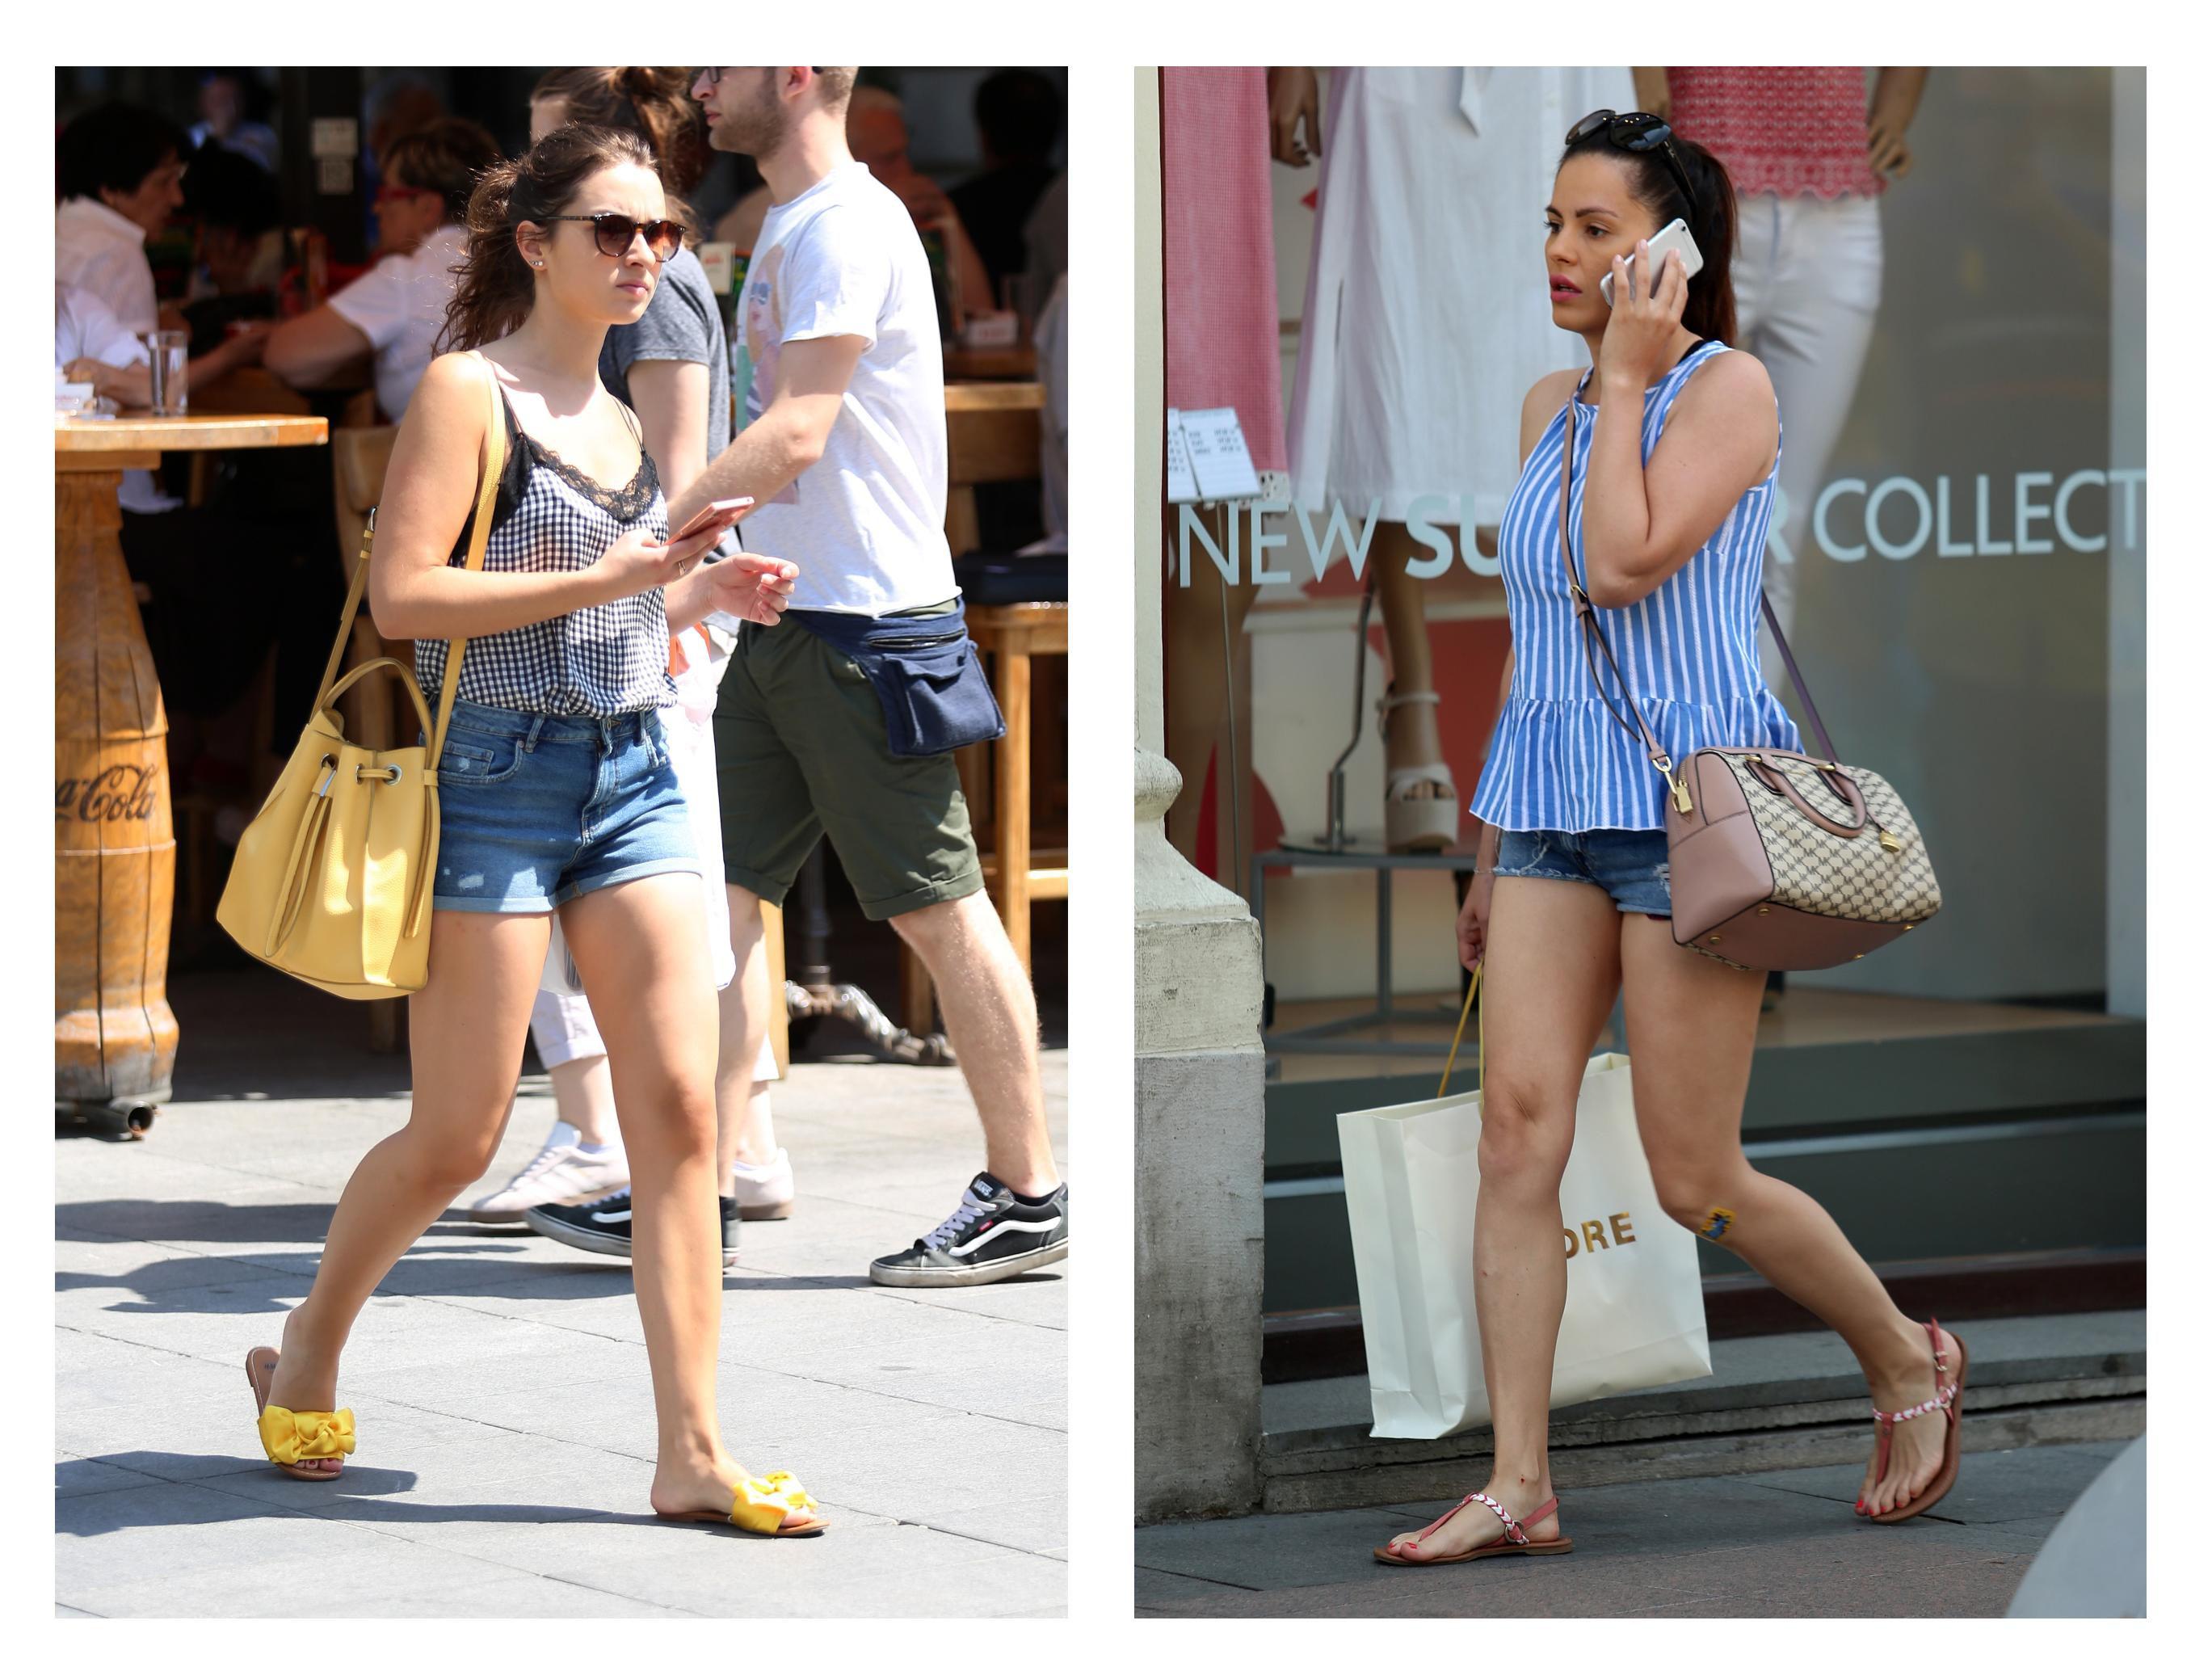 Vruće hlačice okupirale su špicu: Pogledajte koja ih djevojka bolje nosi